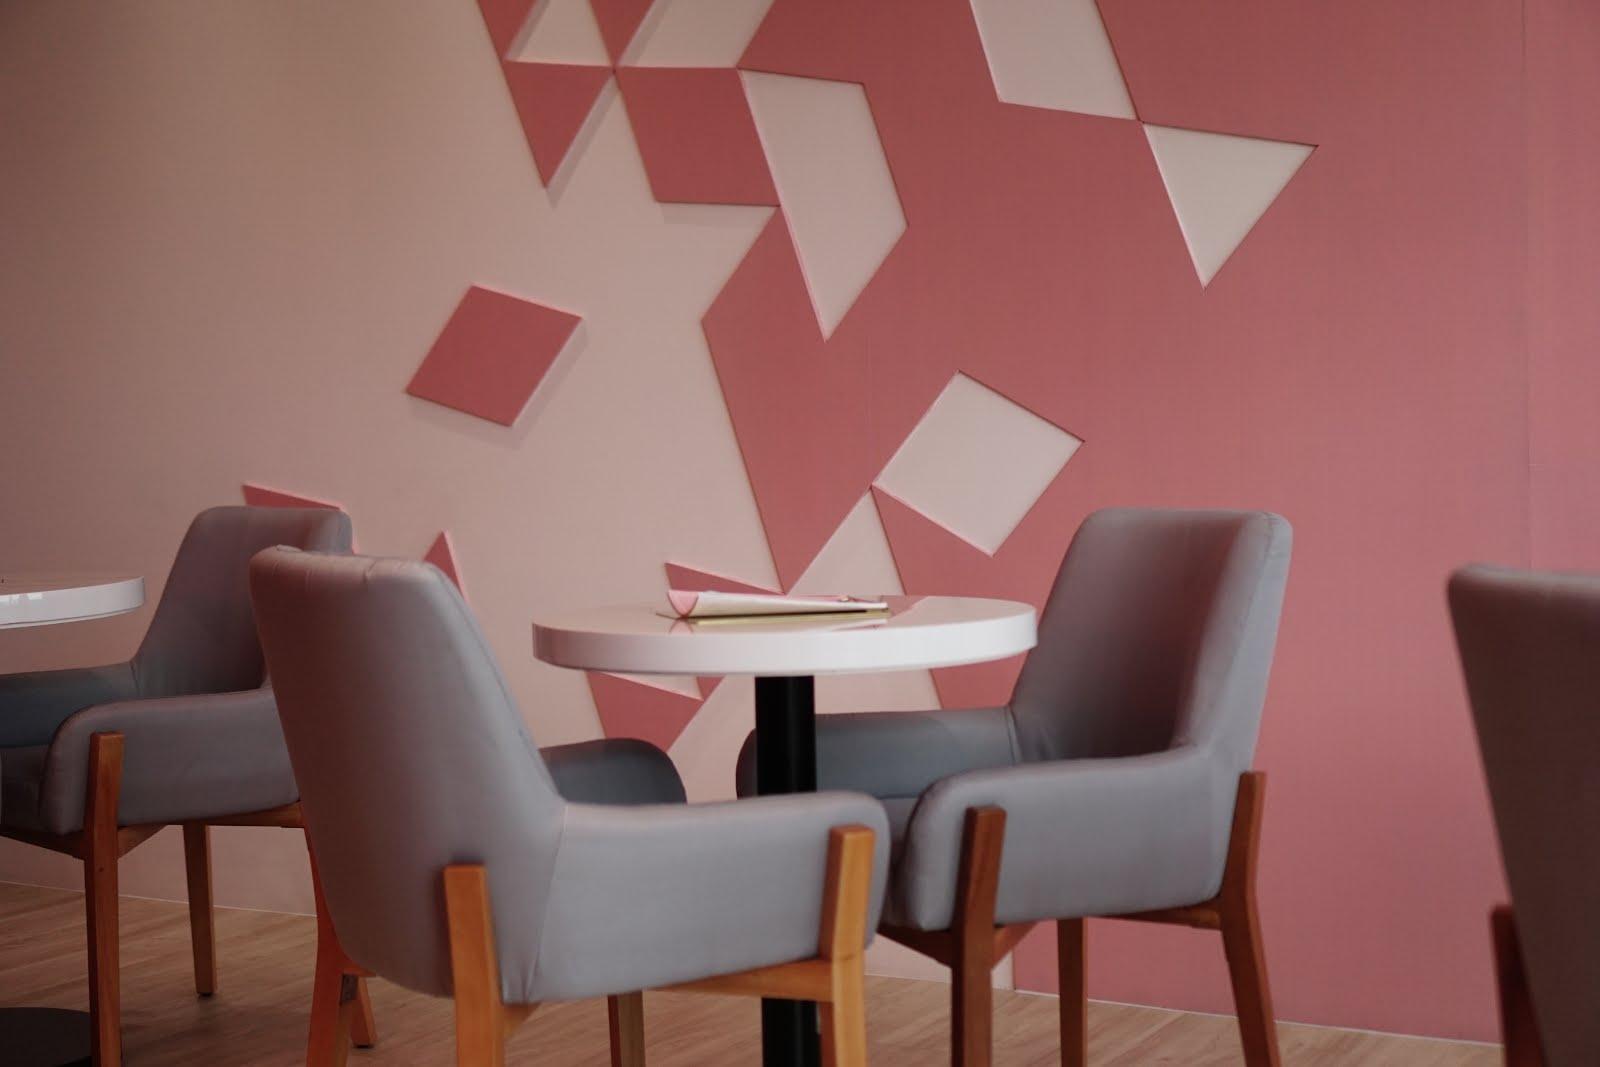 522ef3addec Seoul Cafe Vibe) New Pink Cafe - So Fashion Cafe Jakarta - Stevie Wong